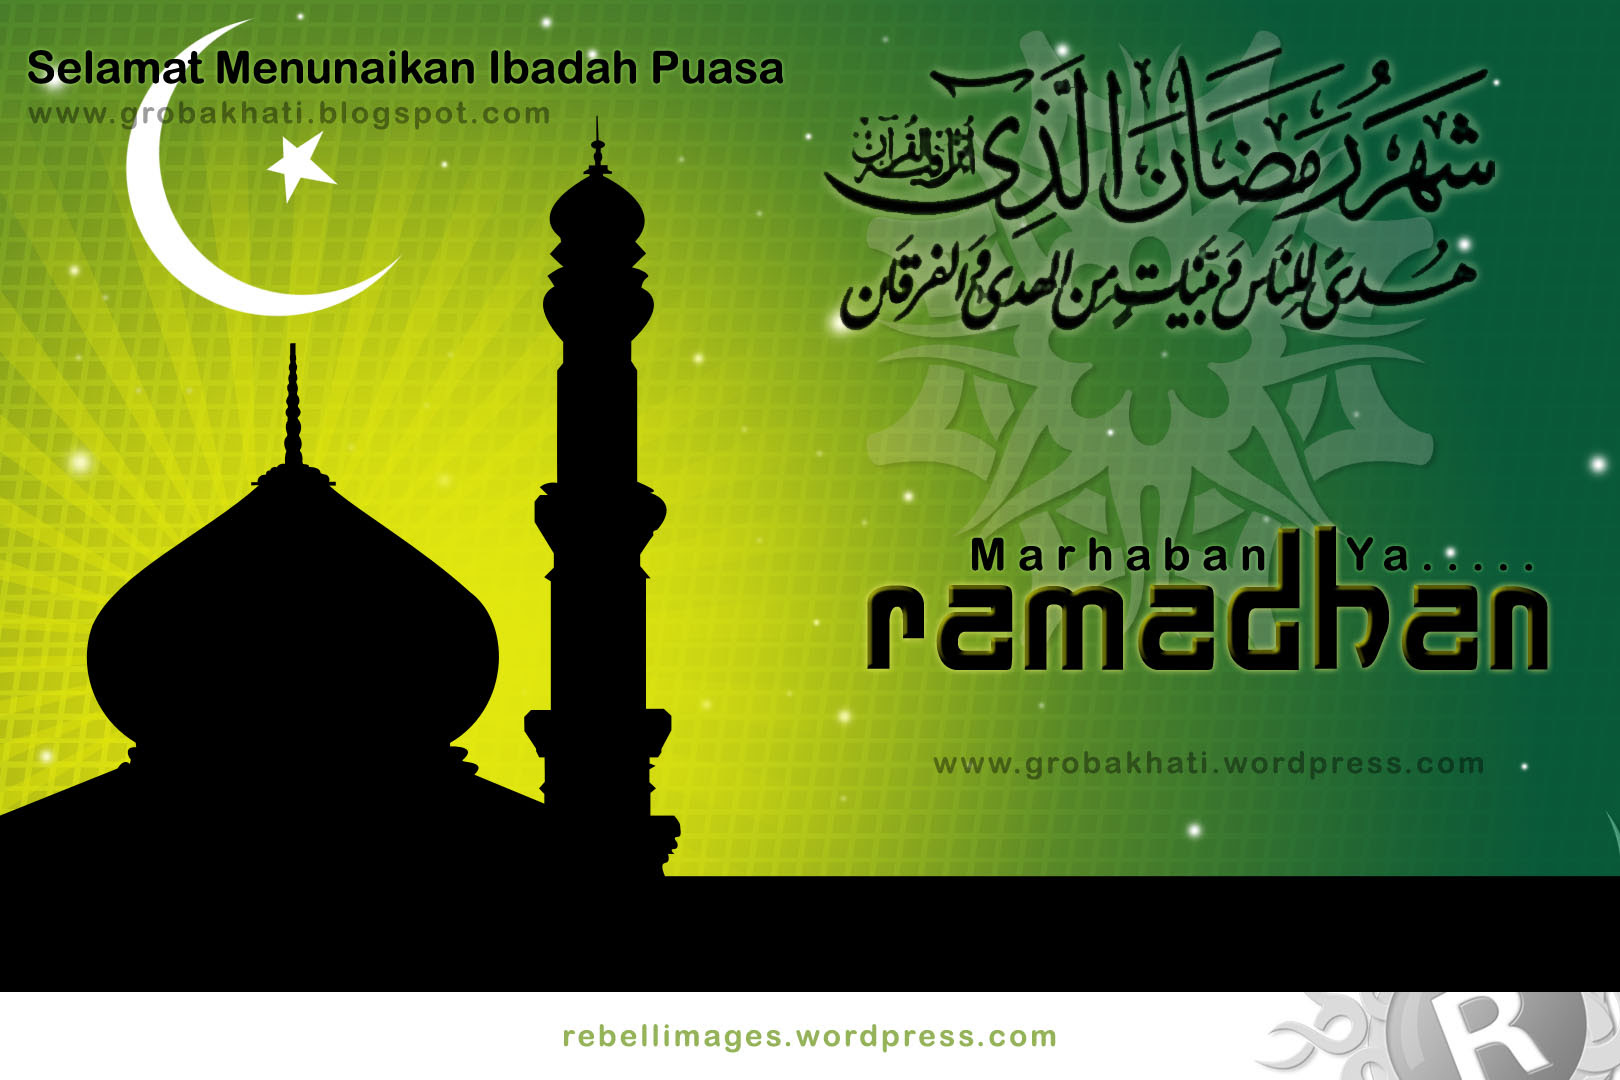 Kumpulan Gambar Ucapan Ramadhan Puasa Terbaru 2013